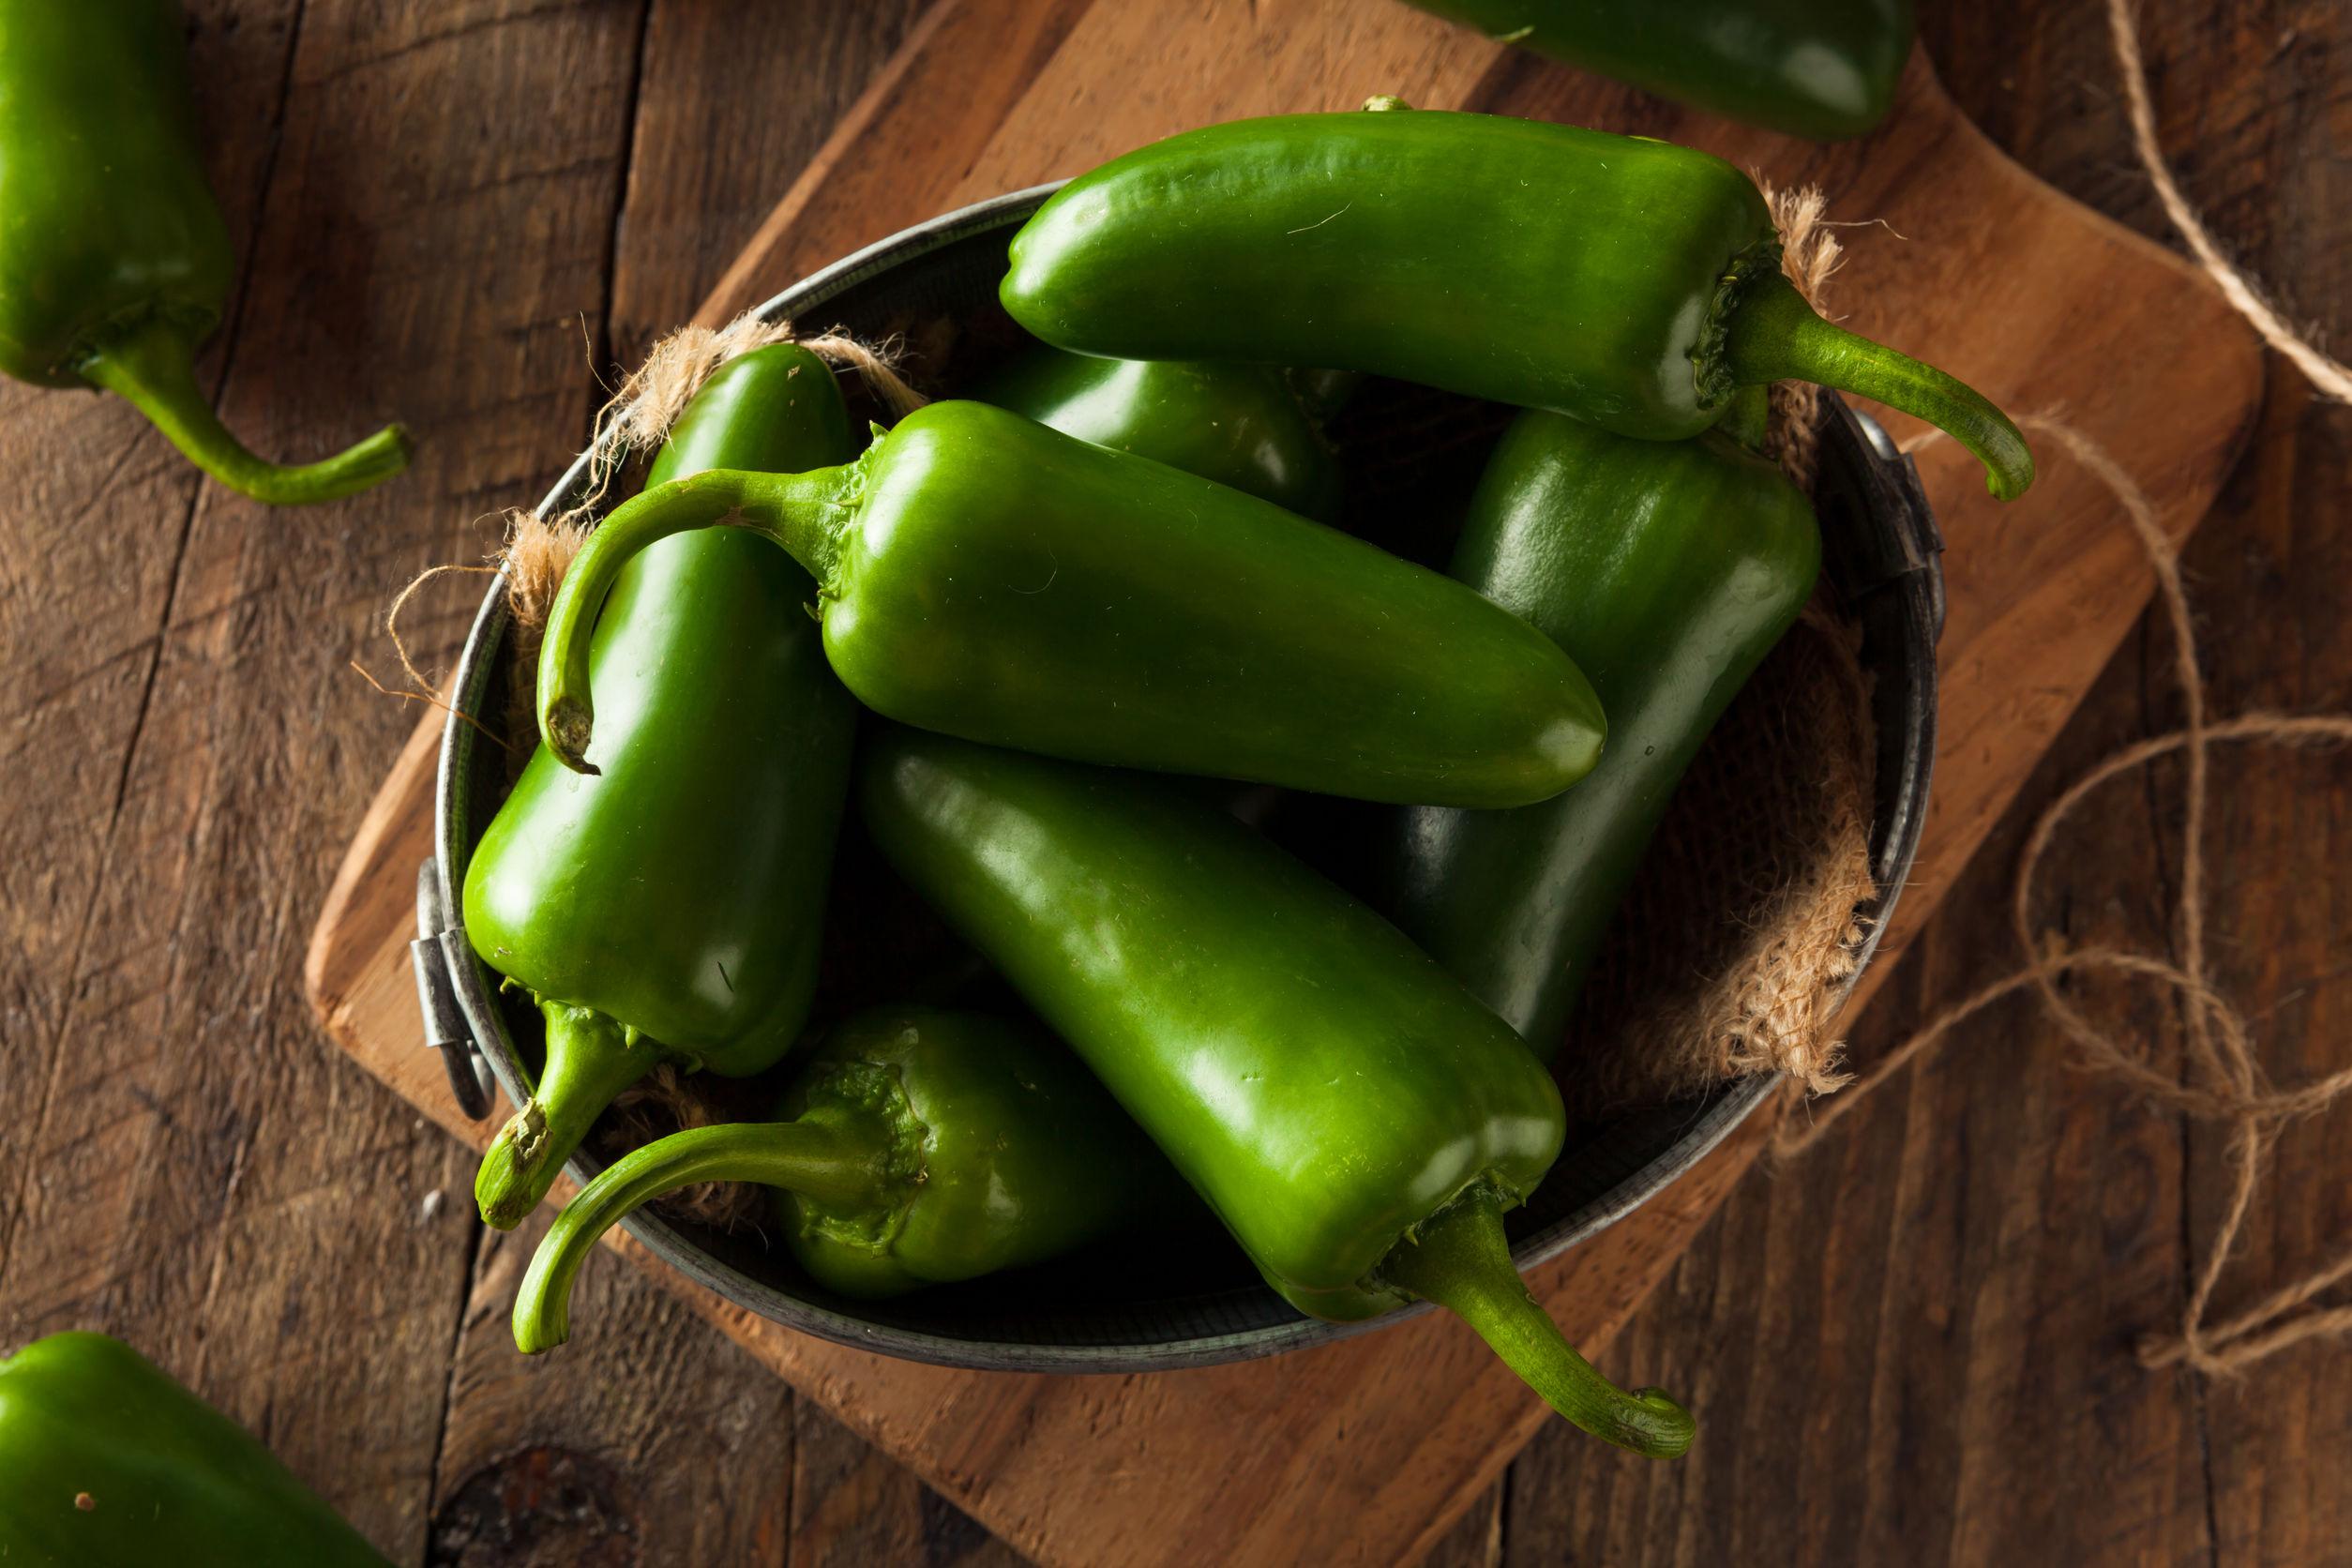 El chile se comercializa tanto en verde como en seco; de su valor, el 23% se obtiene de chiles deshidratados, de ahí la importancia que tiene el proceso de secado.